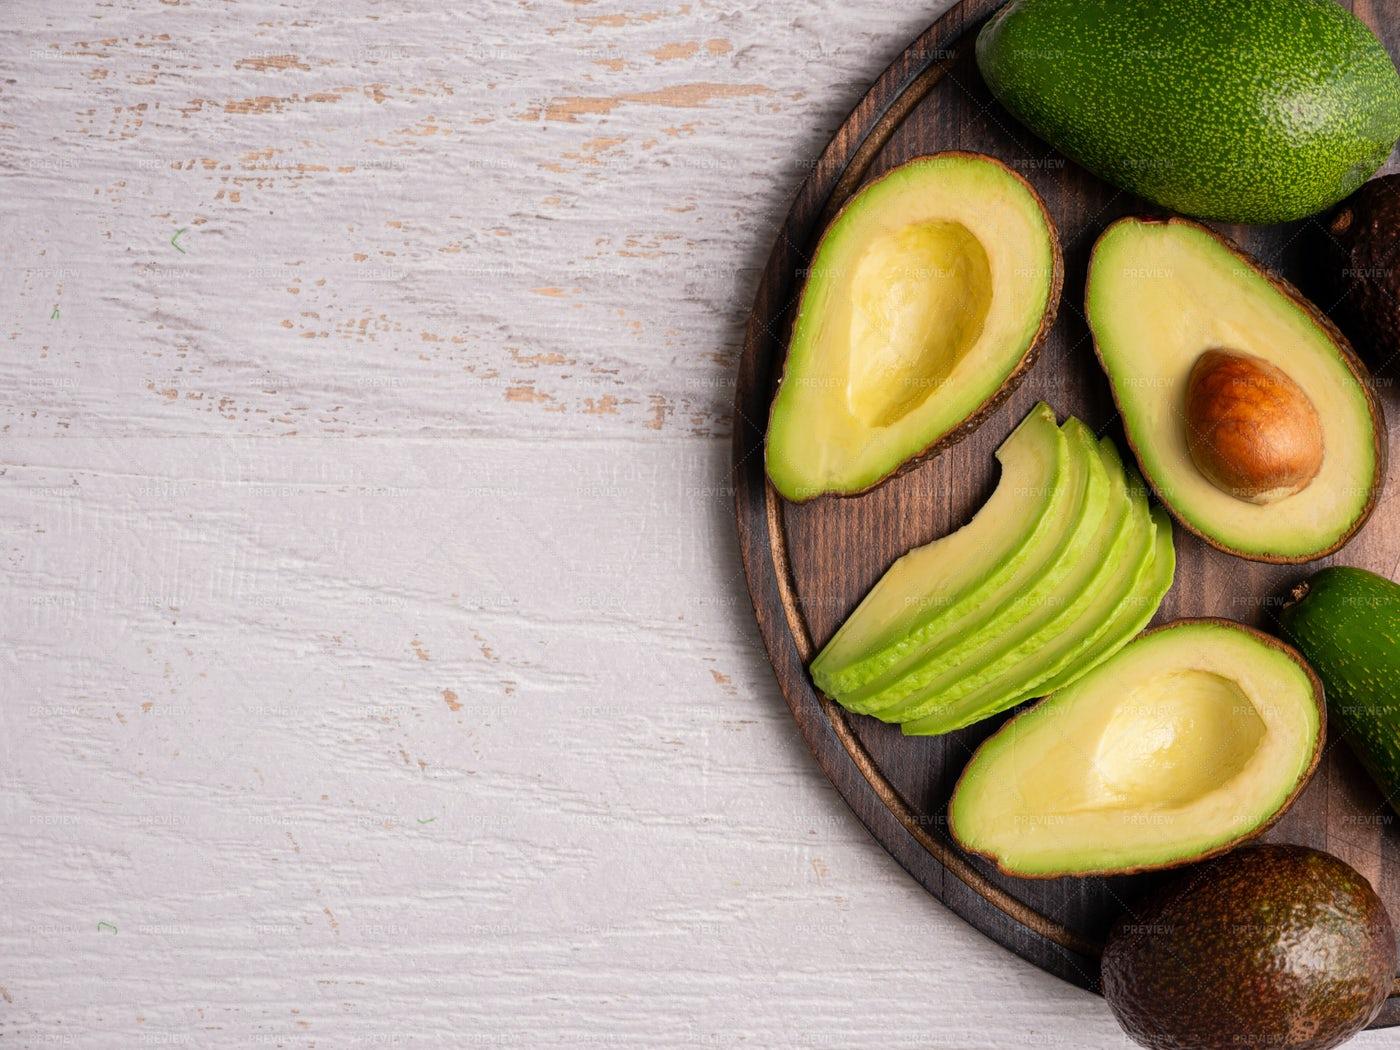 Top View Of Fresh Cut Avocado: Stock Photos